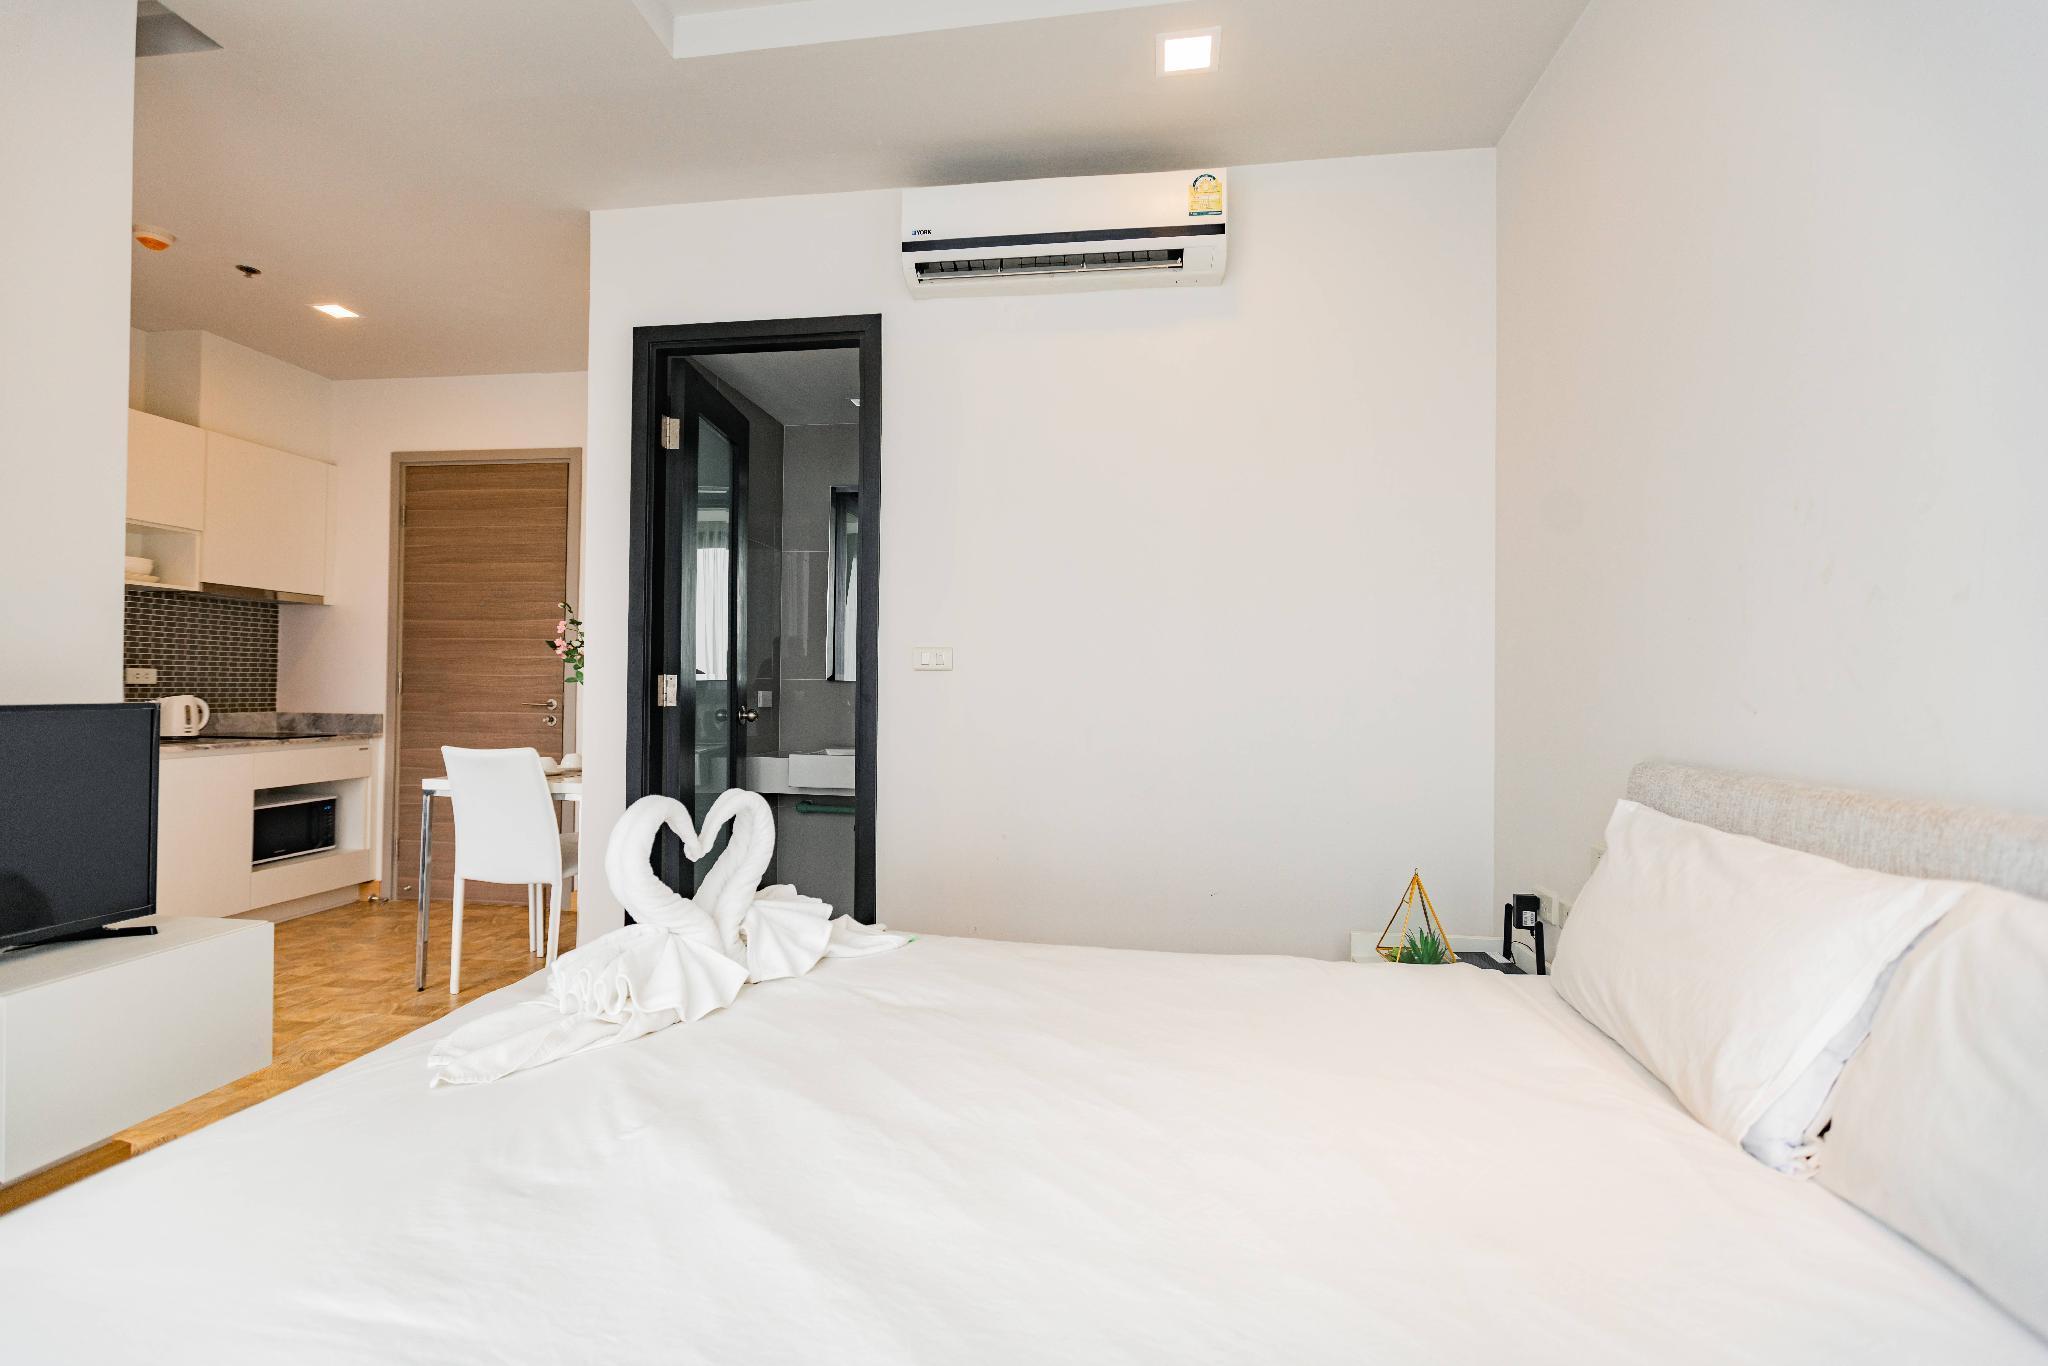 1 bedroom studio, Skypool pattaya posh สตูดิโอ อพาร์ตเมนต์ 1 ห้องน้ำส่วนตัว ขนาด 26 ตร.ม. – พัทยาเหนือ